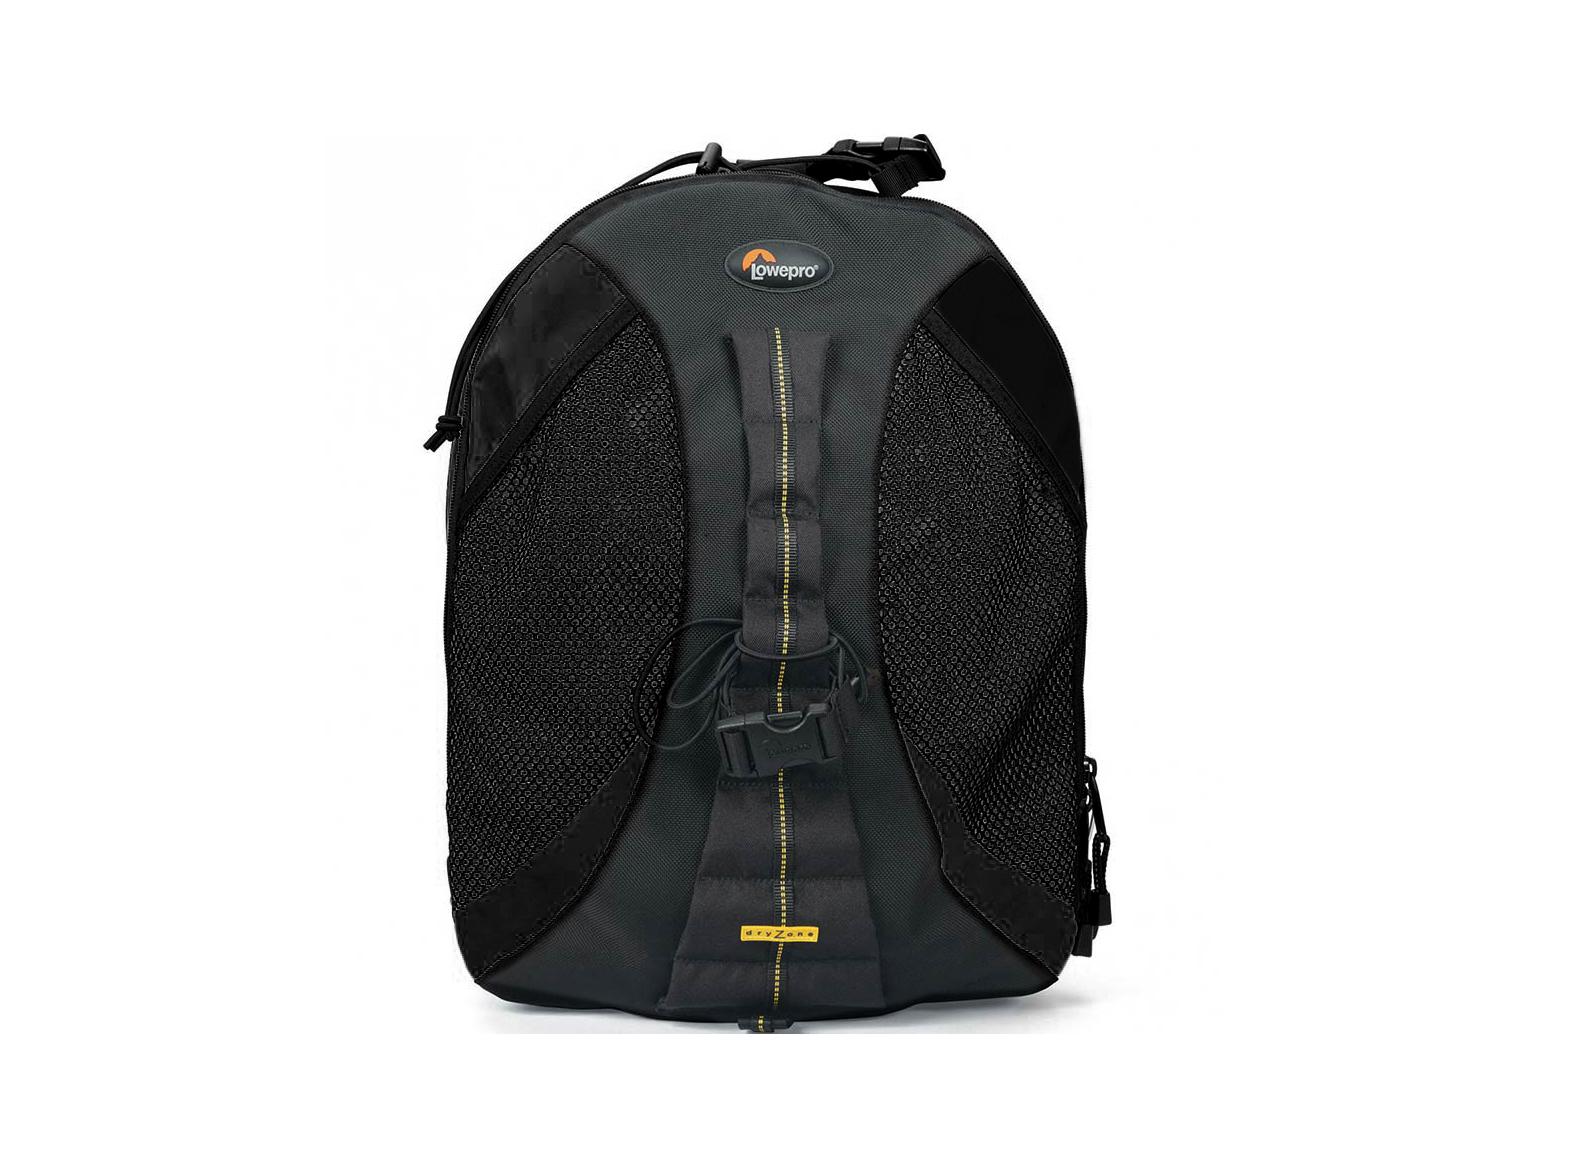 42682703bb4ff Plecak Lowepro DZ200 DryZone WODOODPORNY - 7175465551 - oficjalne ...